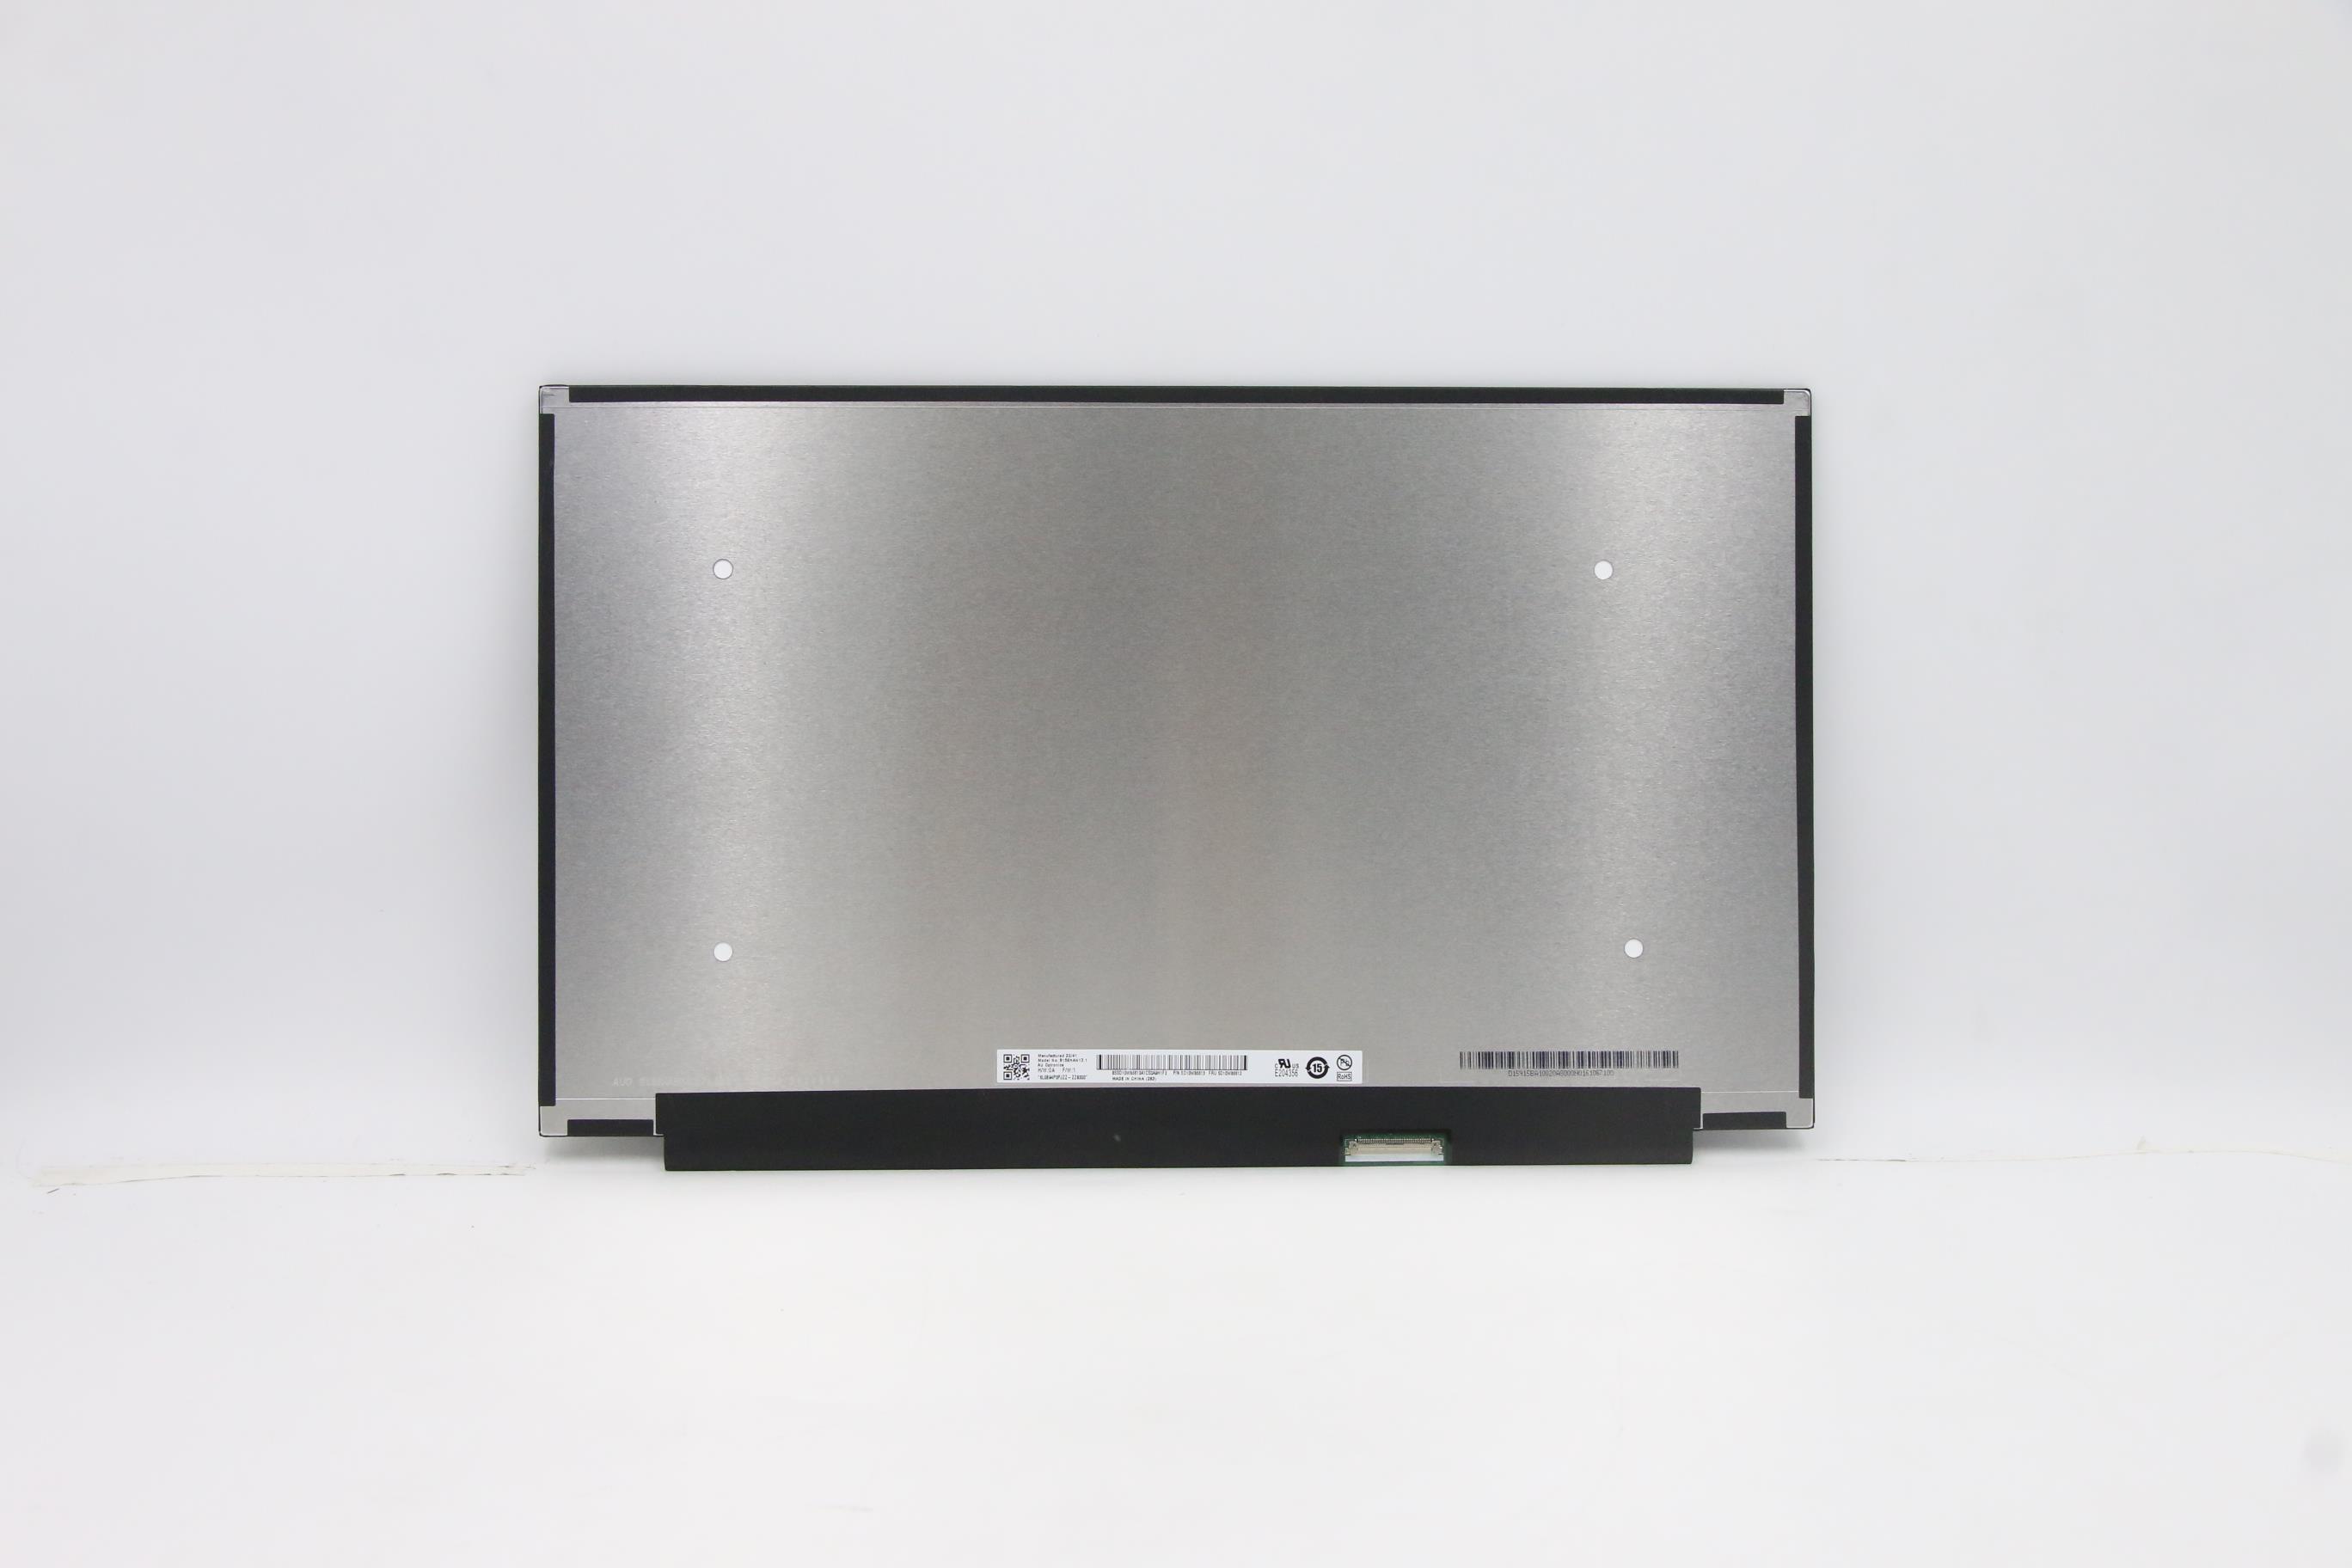 Get 15.6-inch FHD IPS LCD screen NV156FHM-NX1 V8.0 B156HAN13.1 5D10W86614 5D10W86612 5D11B84959